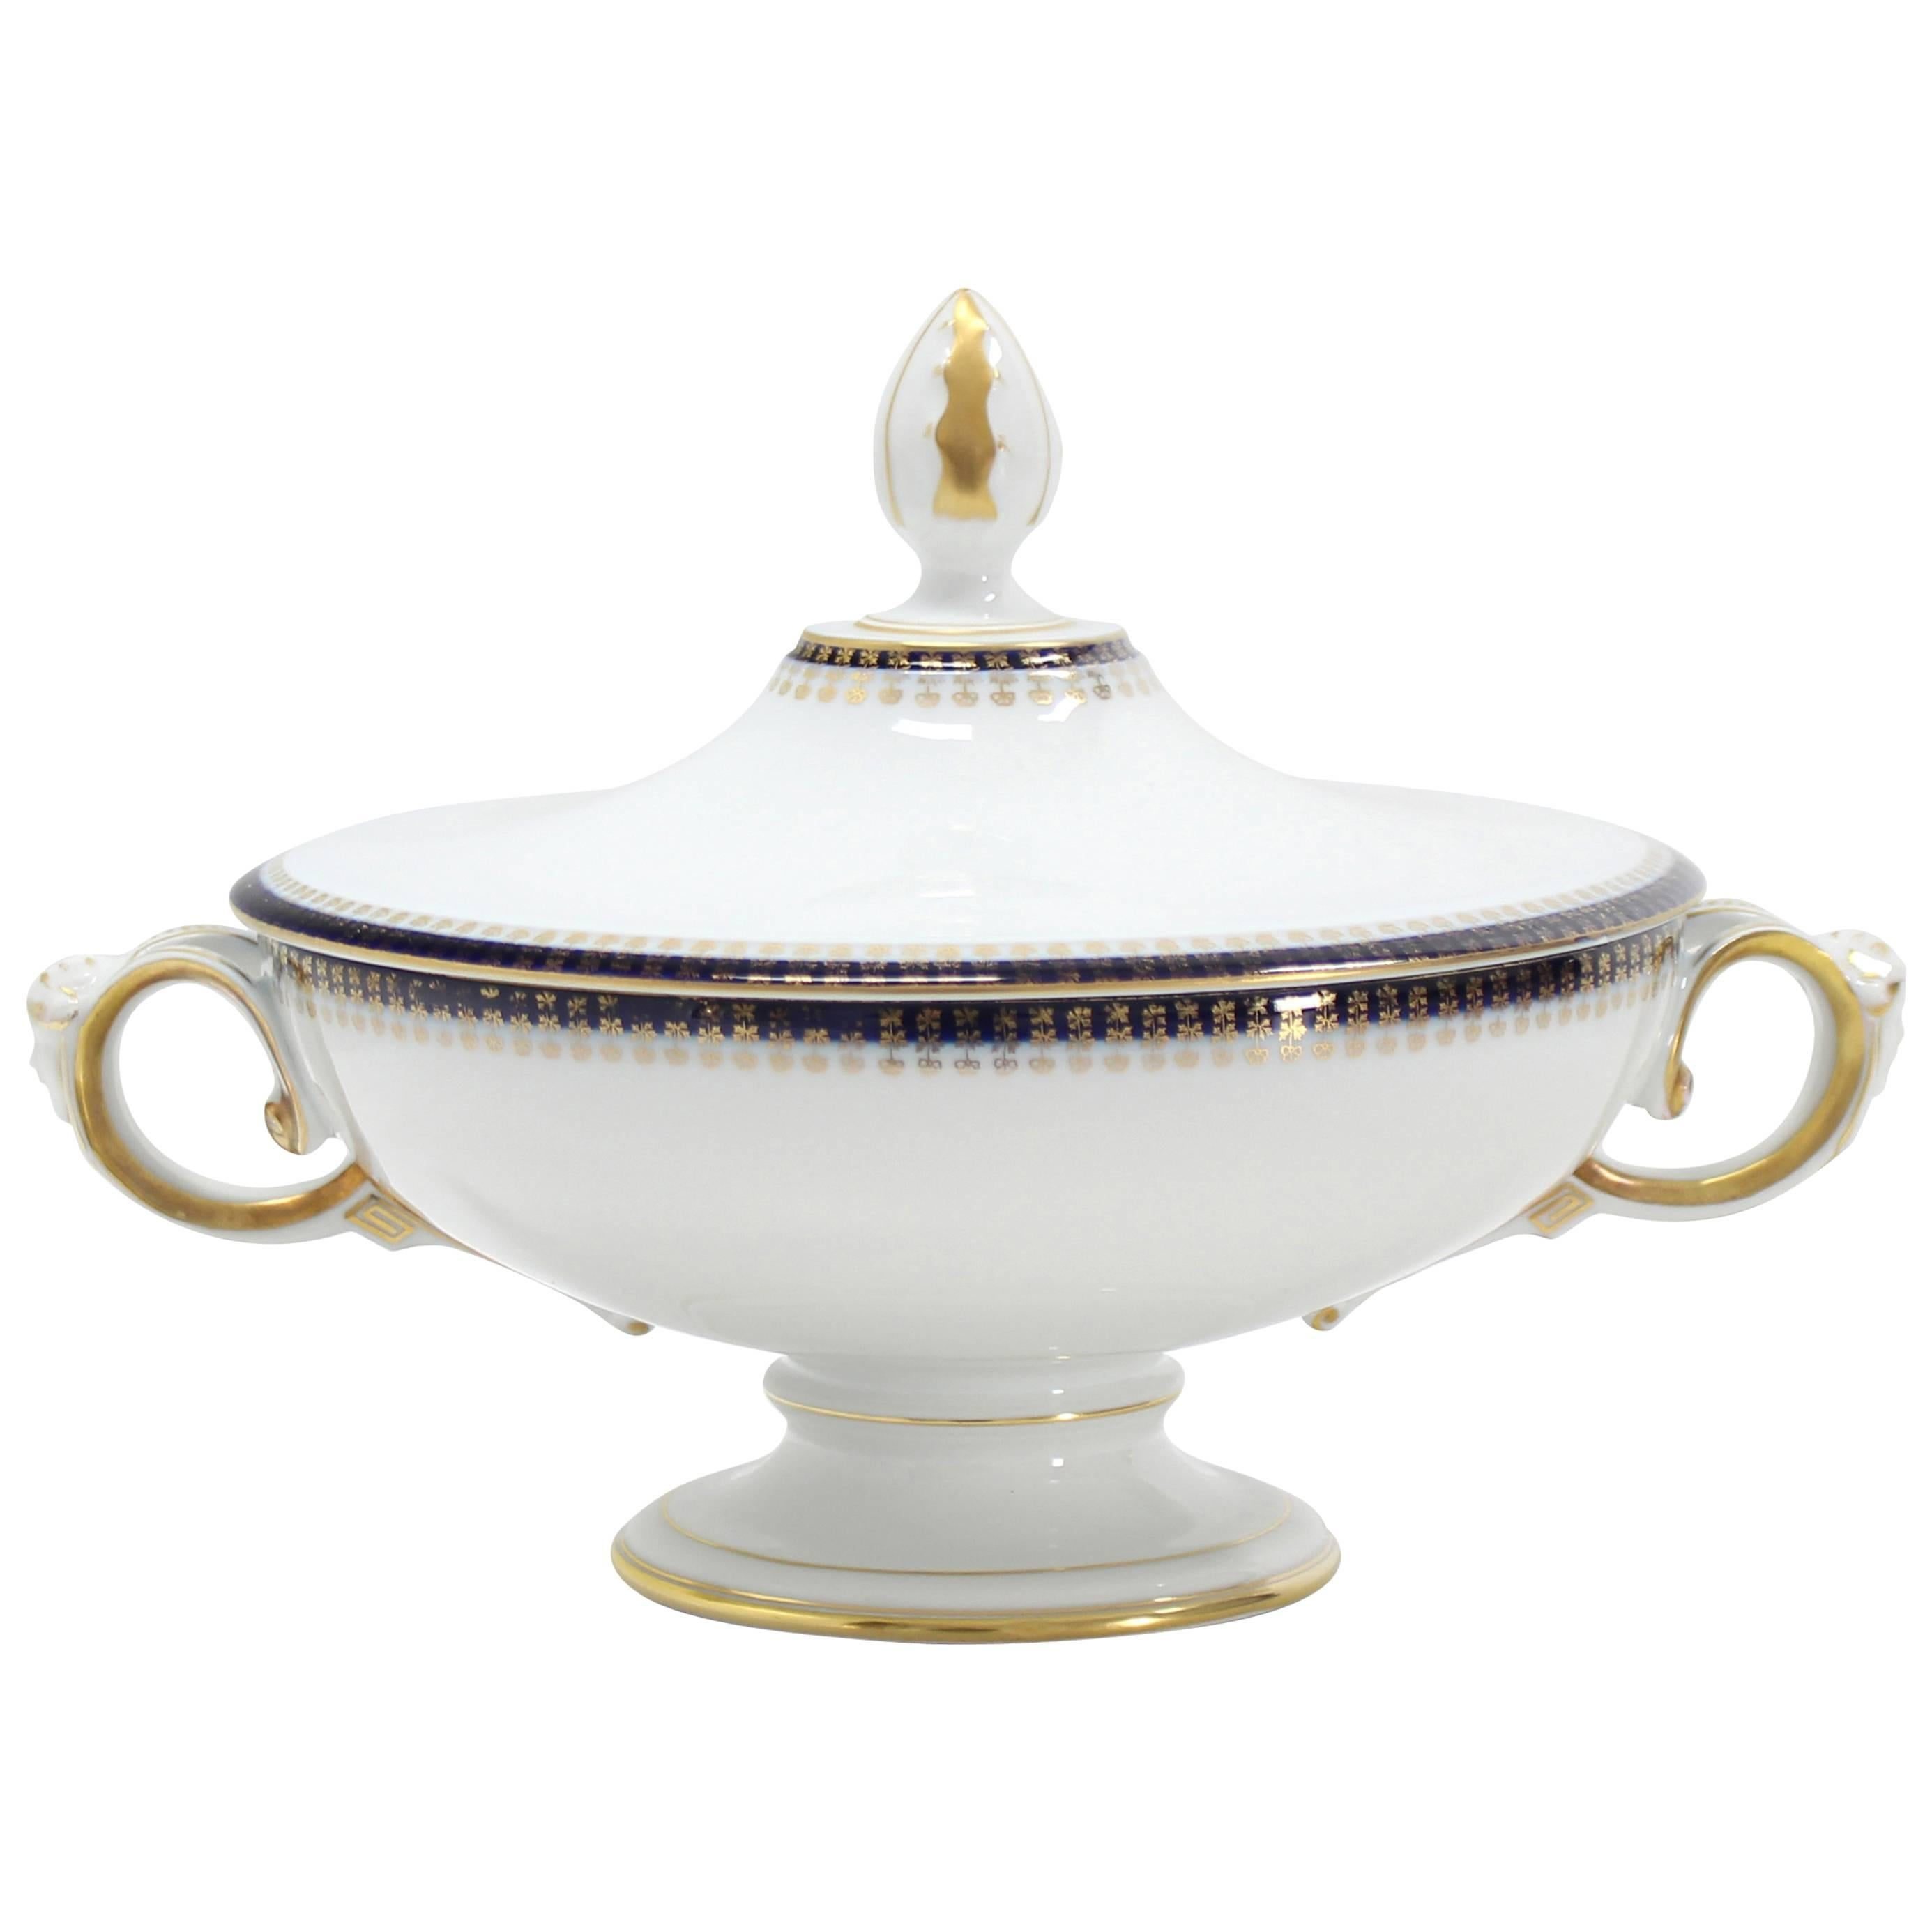 Rosenthal Porcelain Tureen Serving Dish Cobalt and Gold